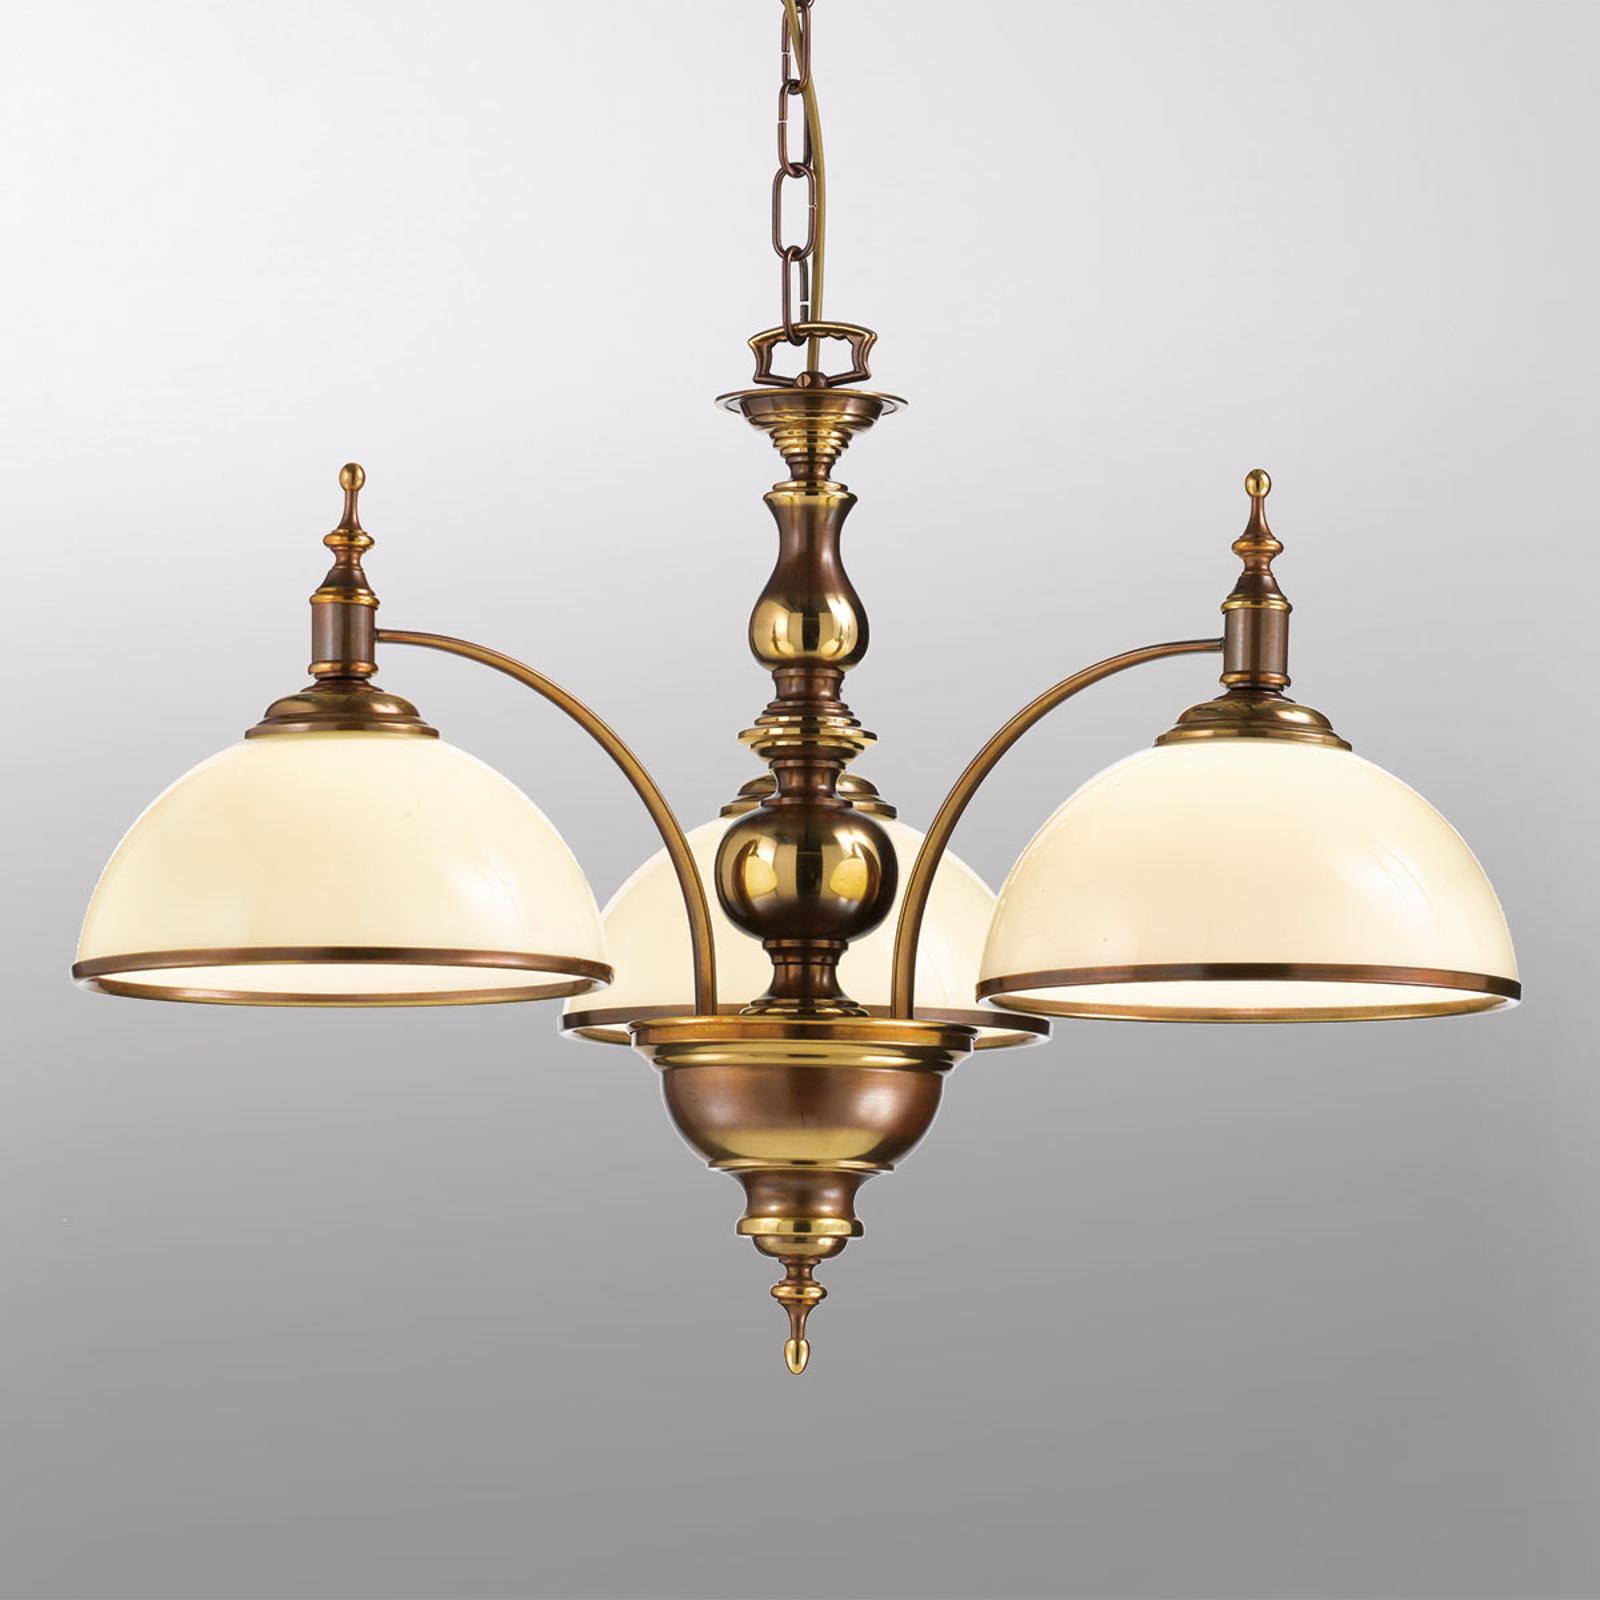 Lampada a sospensione Corola 3 luci, stile antico